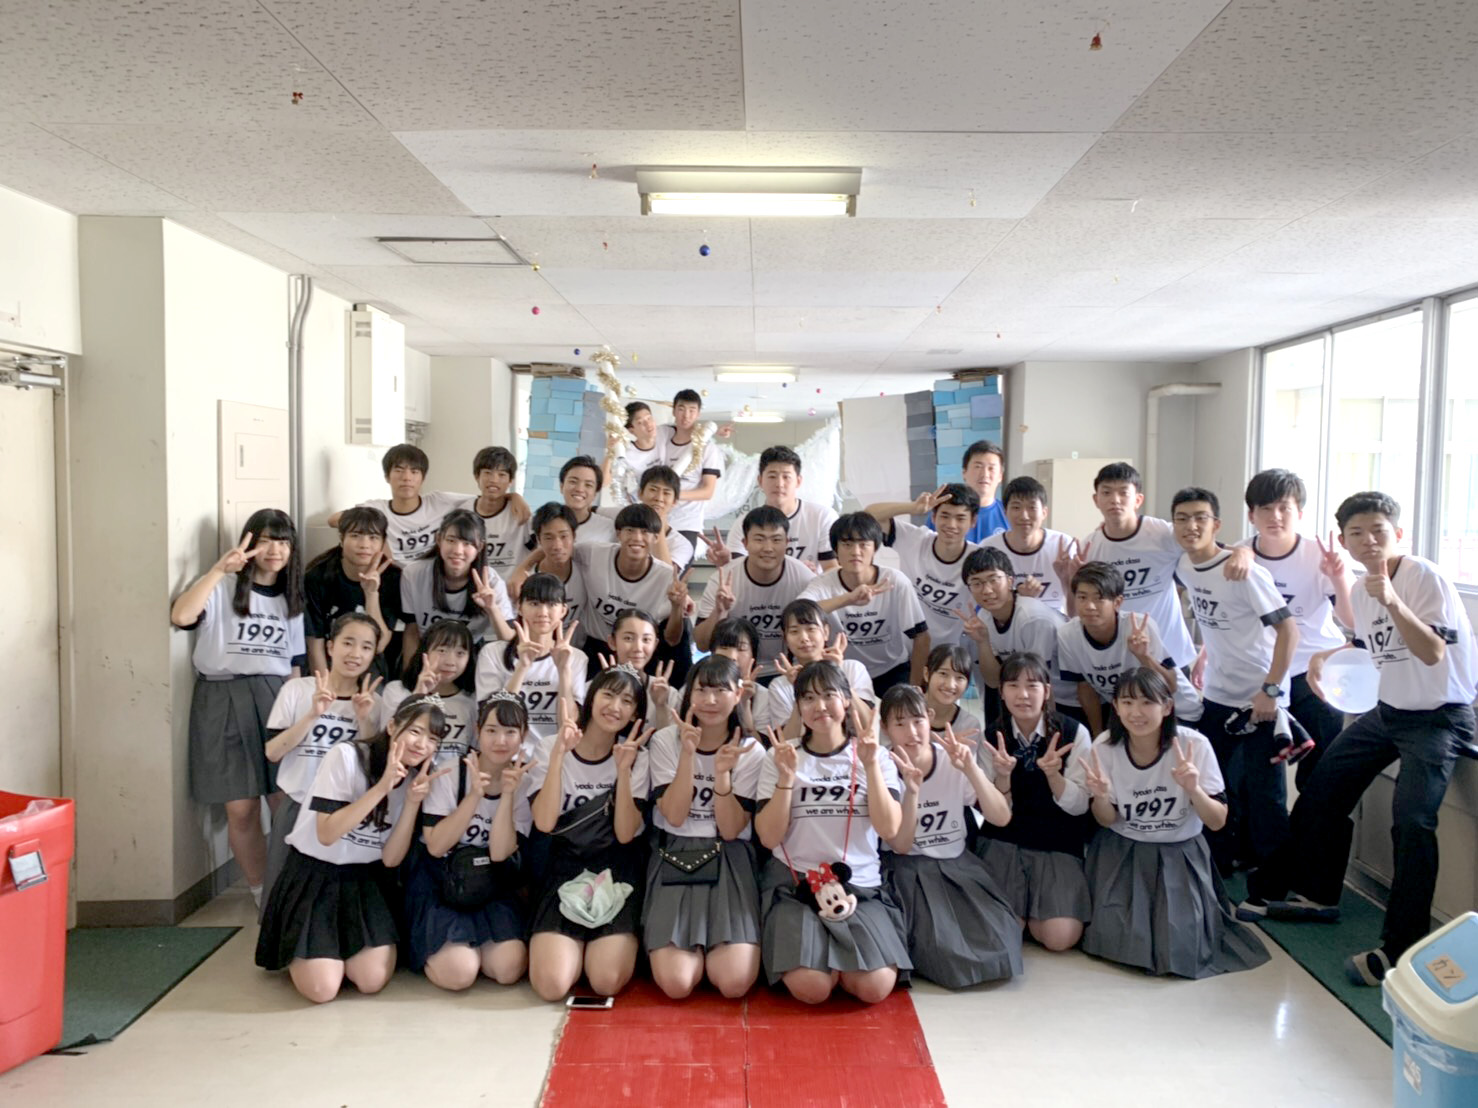 高校生クラスTシャツ2019浦和北高校(3-3)様(デカプリMAX)